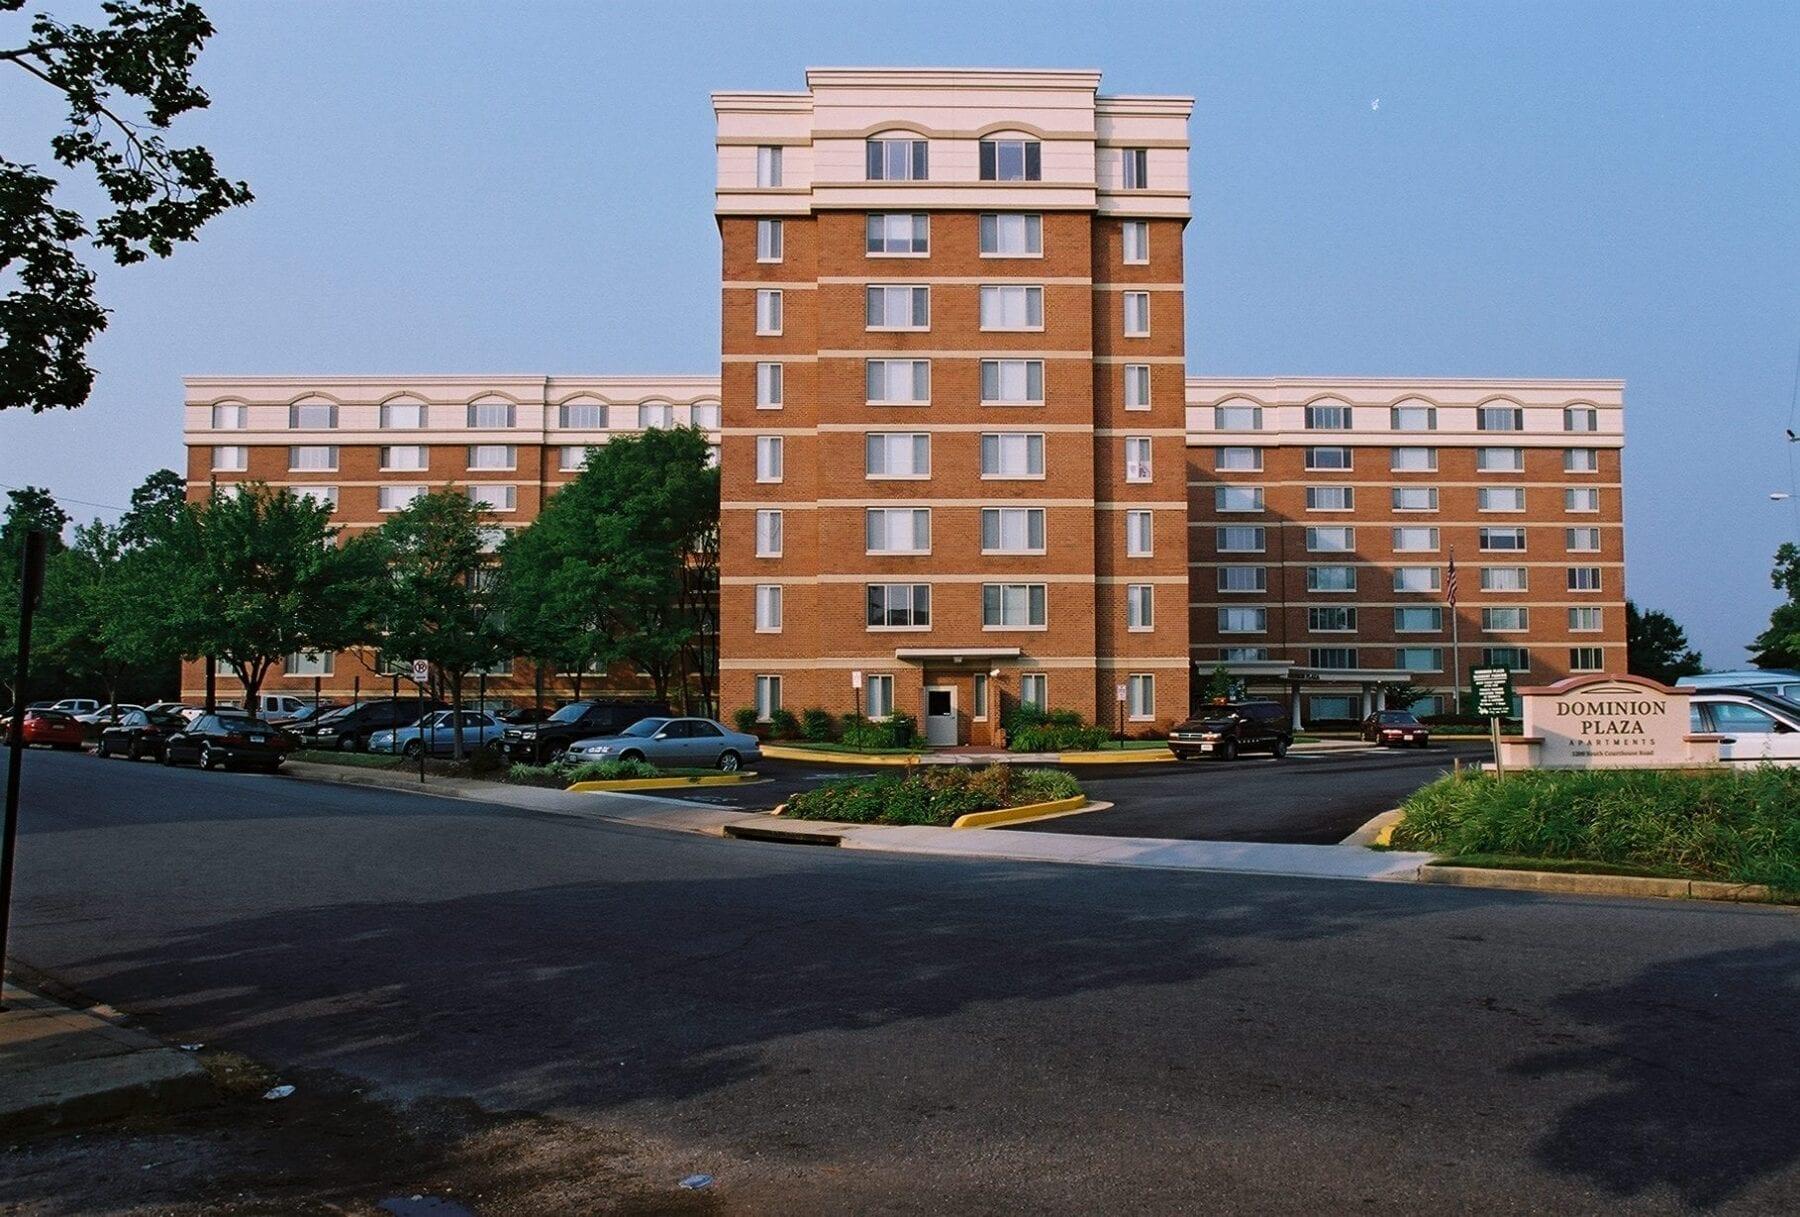 Dominion Plaza (31)